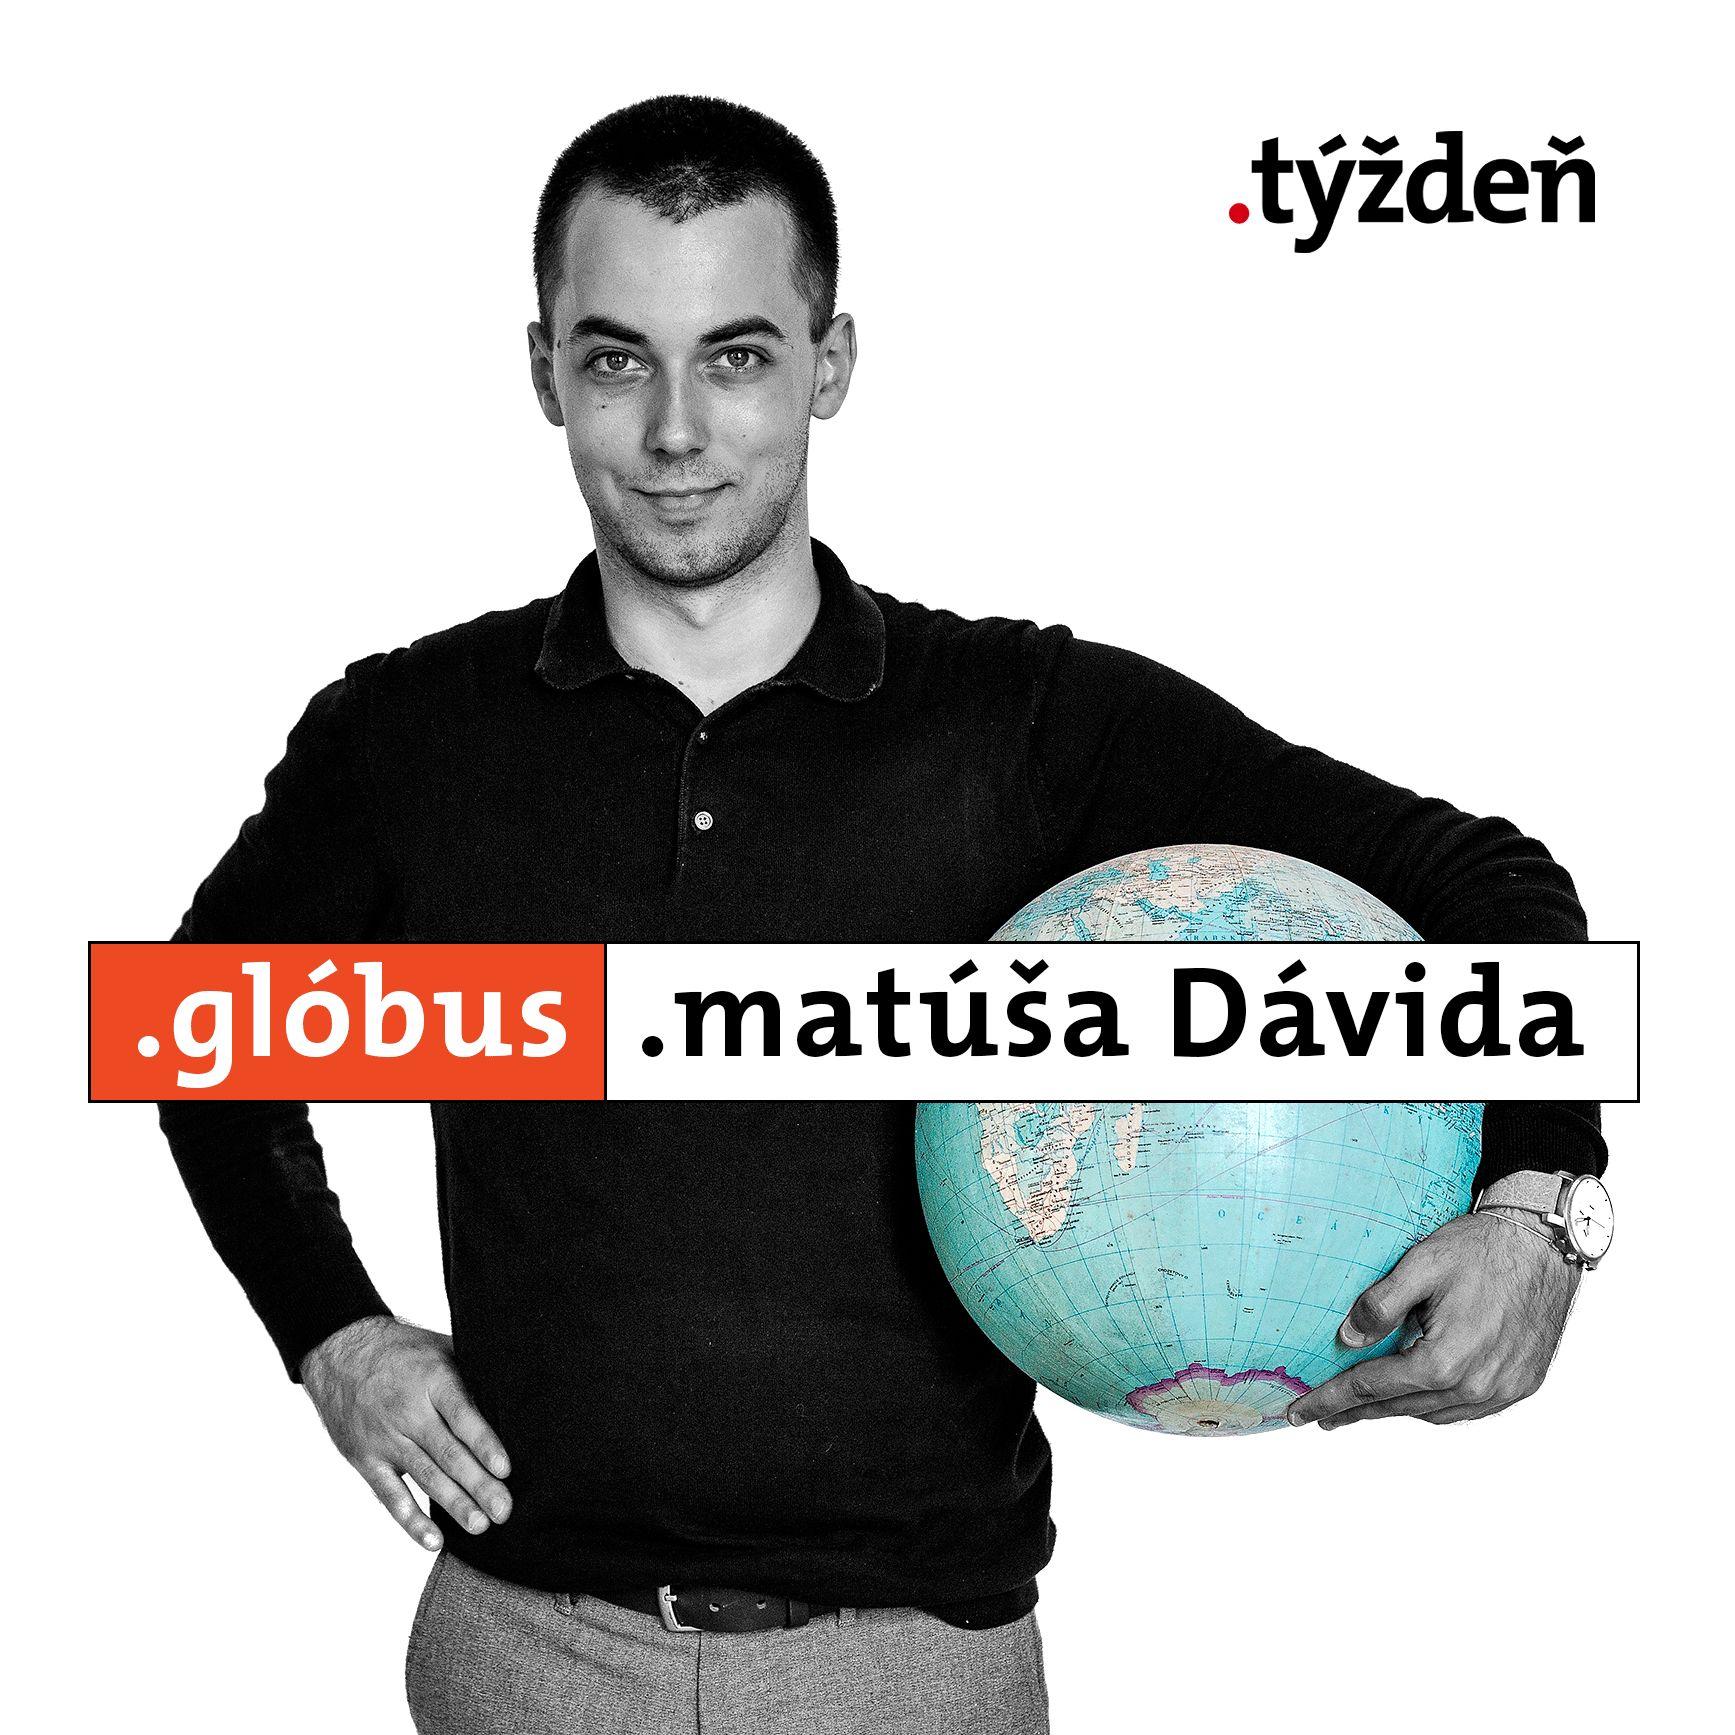 .glóbus: Kukan, Sulík, Zala: Akú EÚ potrebuje Slovensko podľa odchádzajúcich europoslancov?